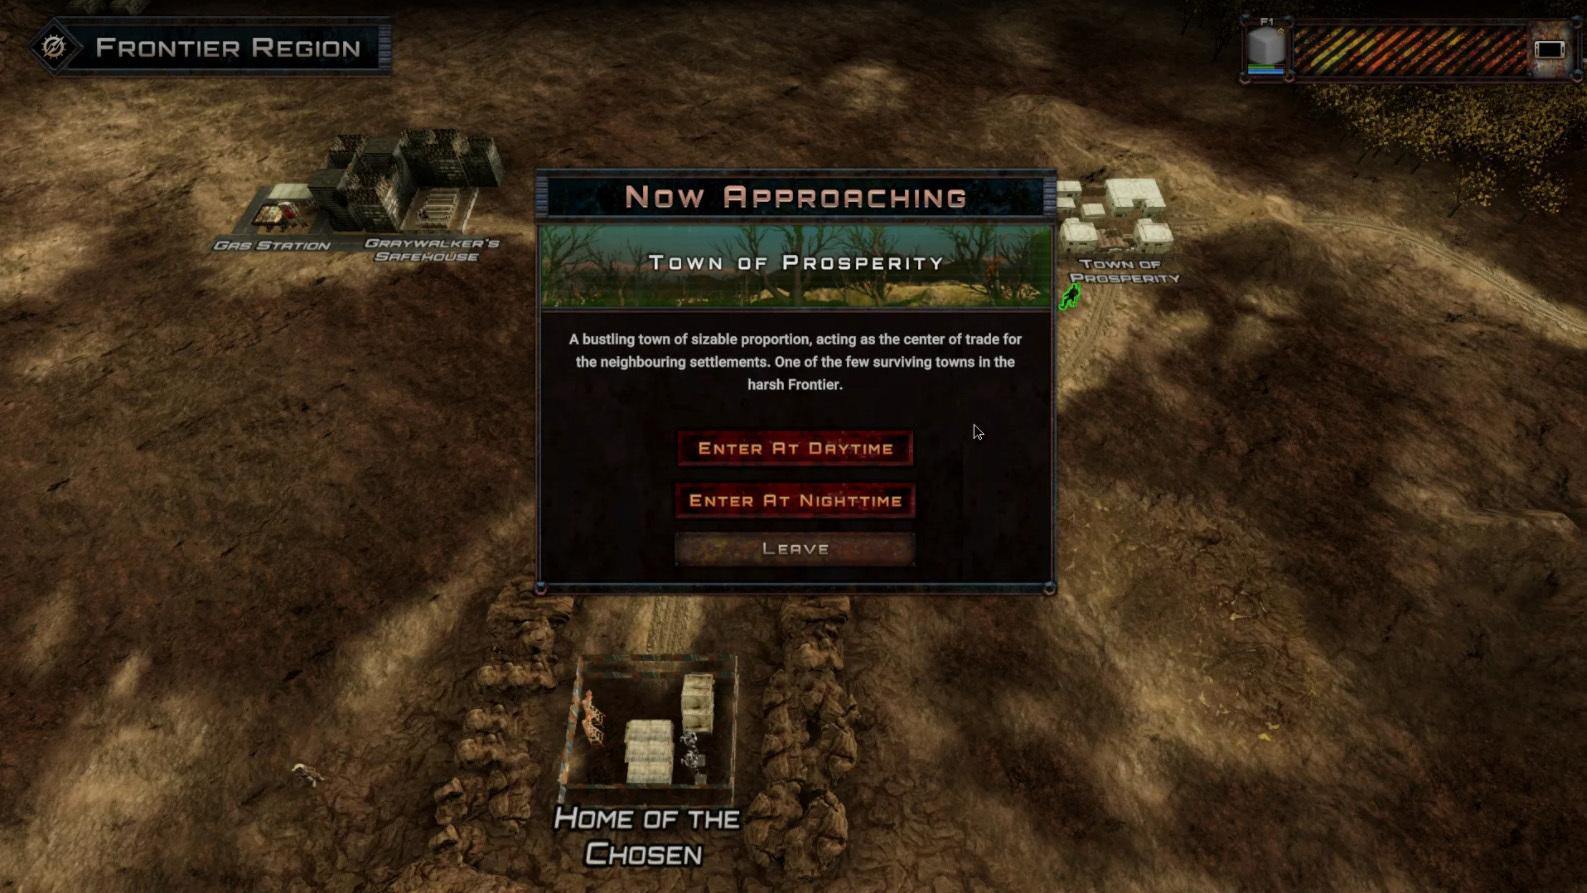 70a16e29a4934da582a65f149e70ebf26b0bf6a7   RPG Jeuxvidéo